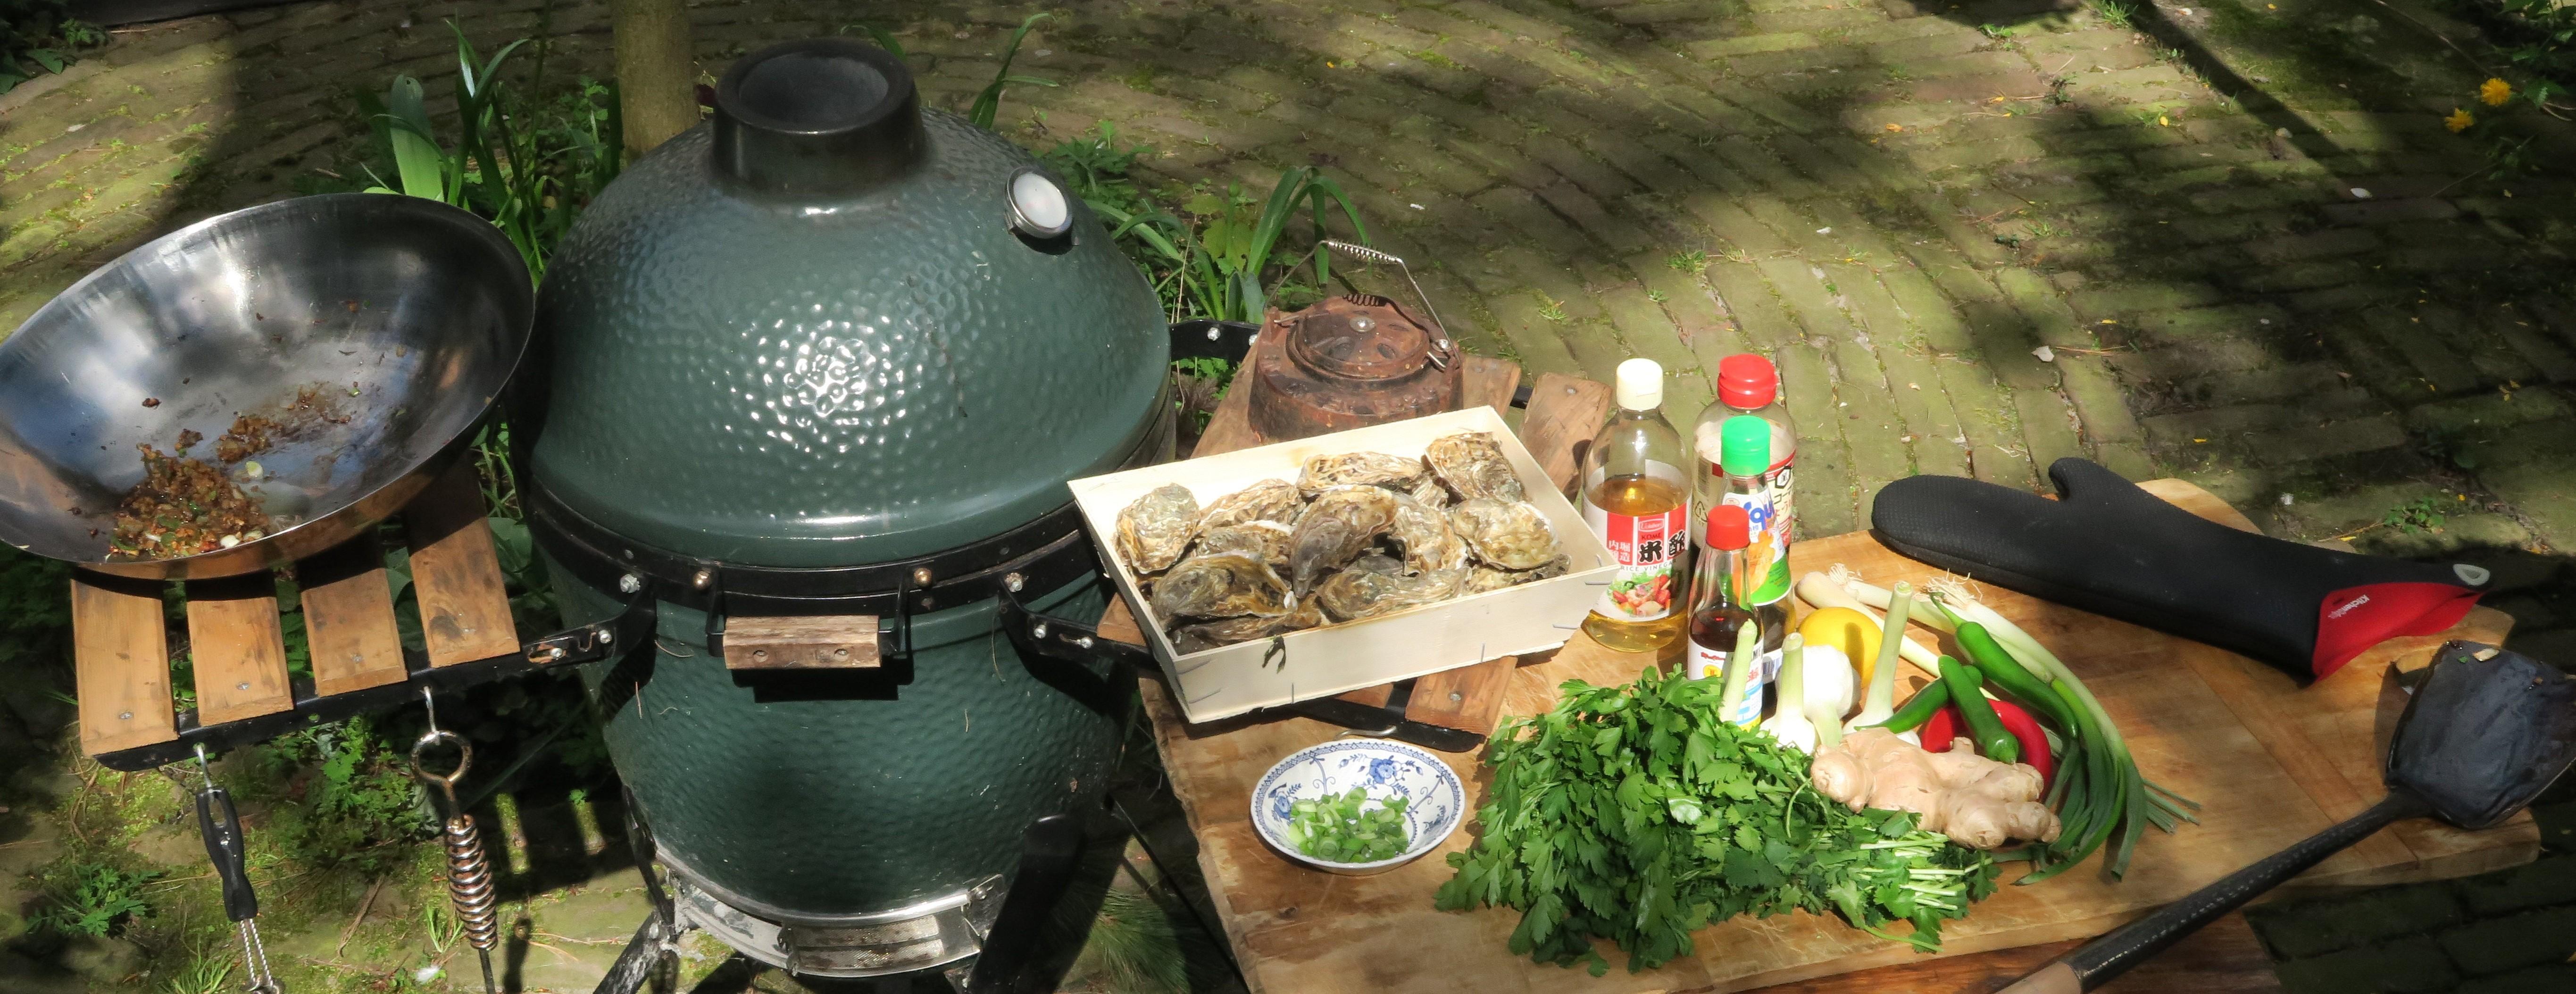 Oestercompagnie_Big_Green_Egg_oesters